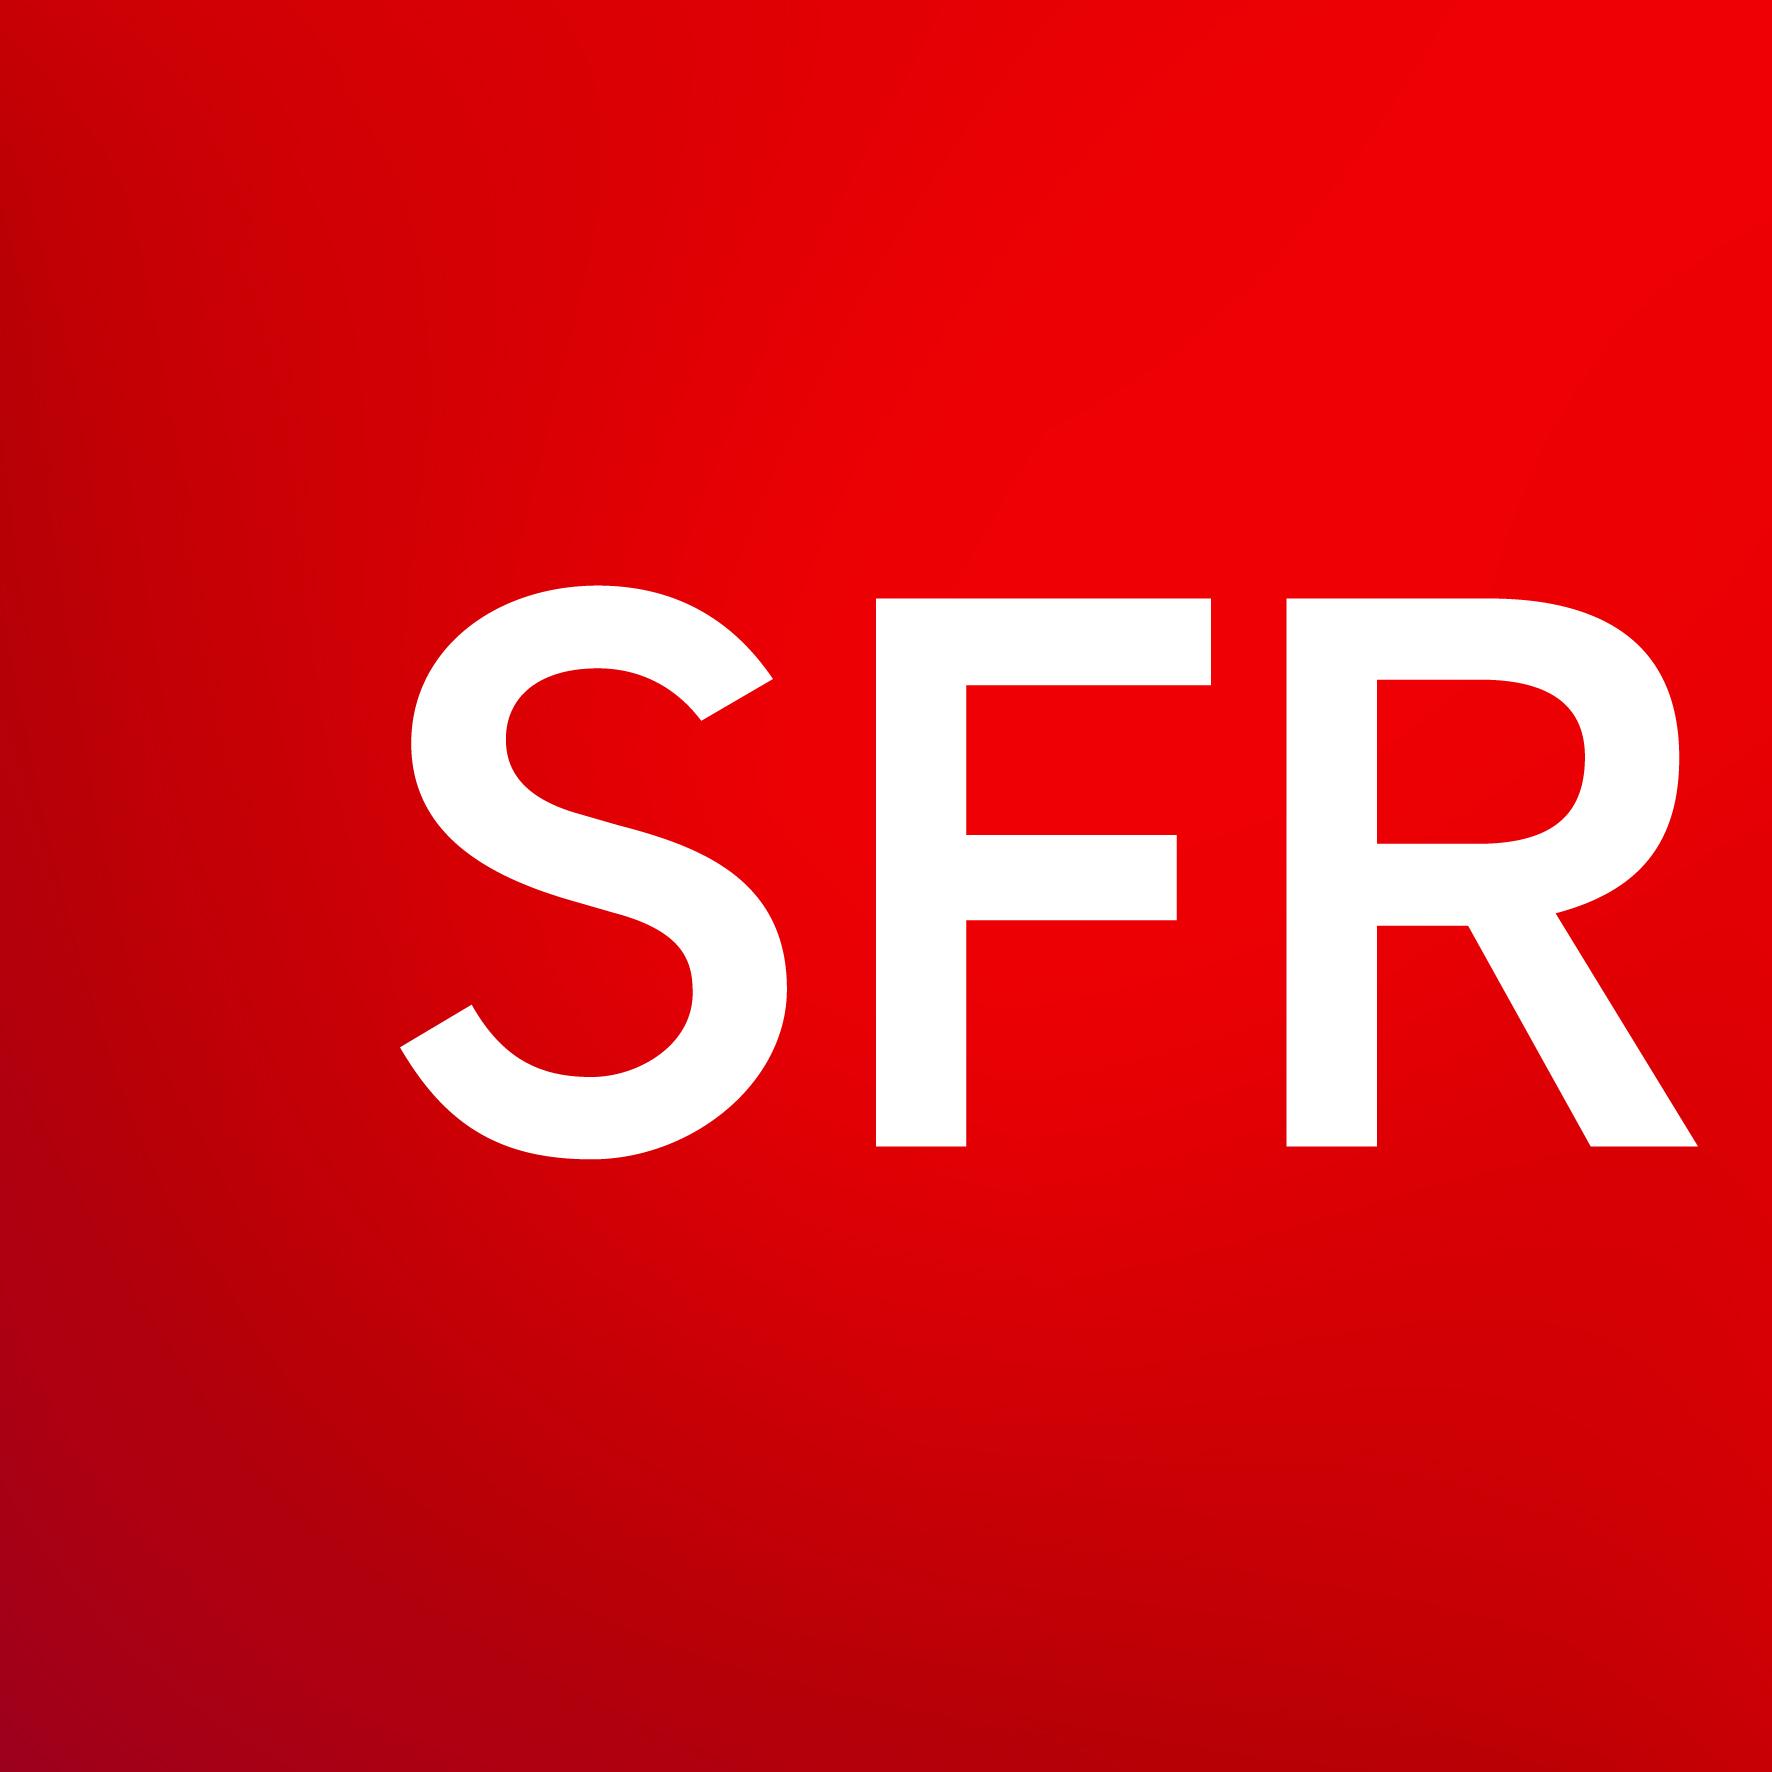 70€ de remise immédiate (souscription 24 mois) sur l'achat d'un téléphone au choix chez SFR